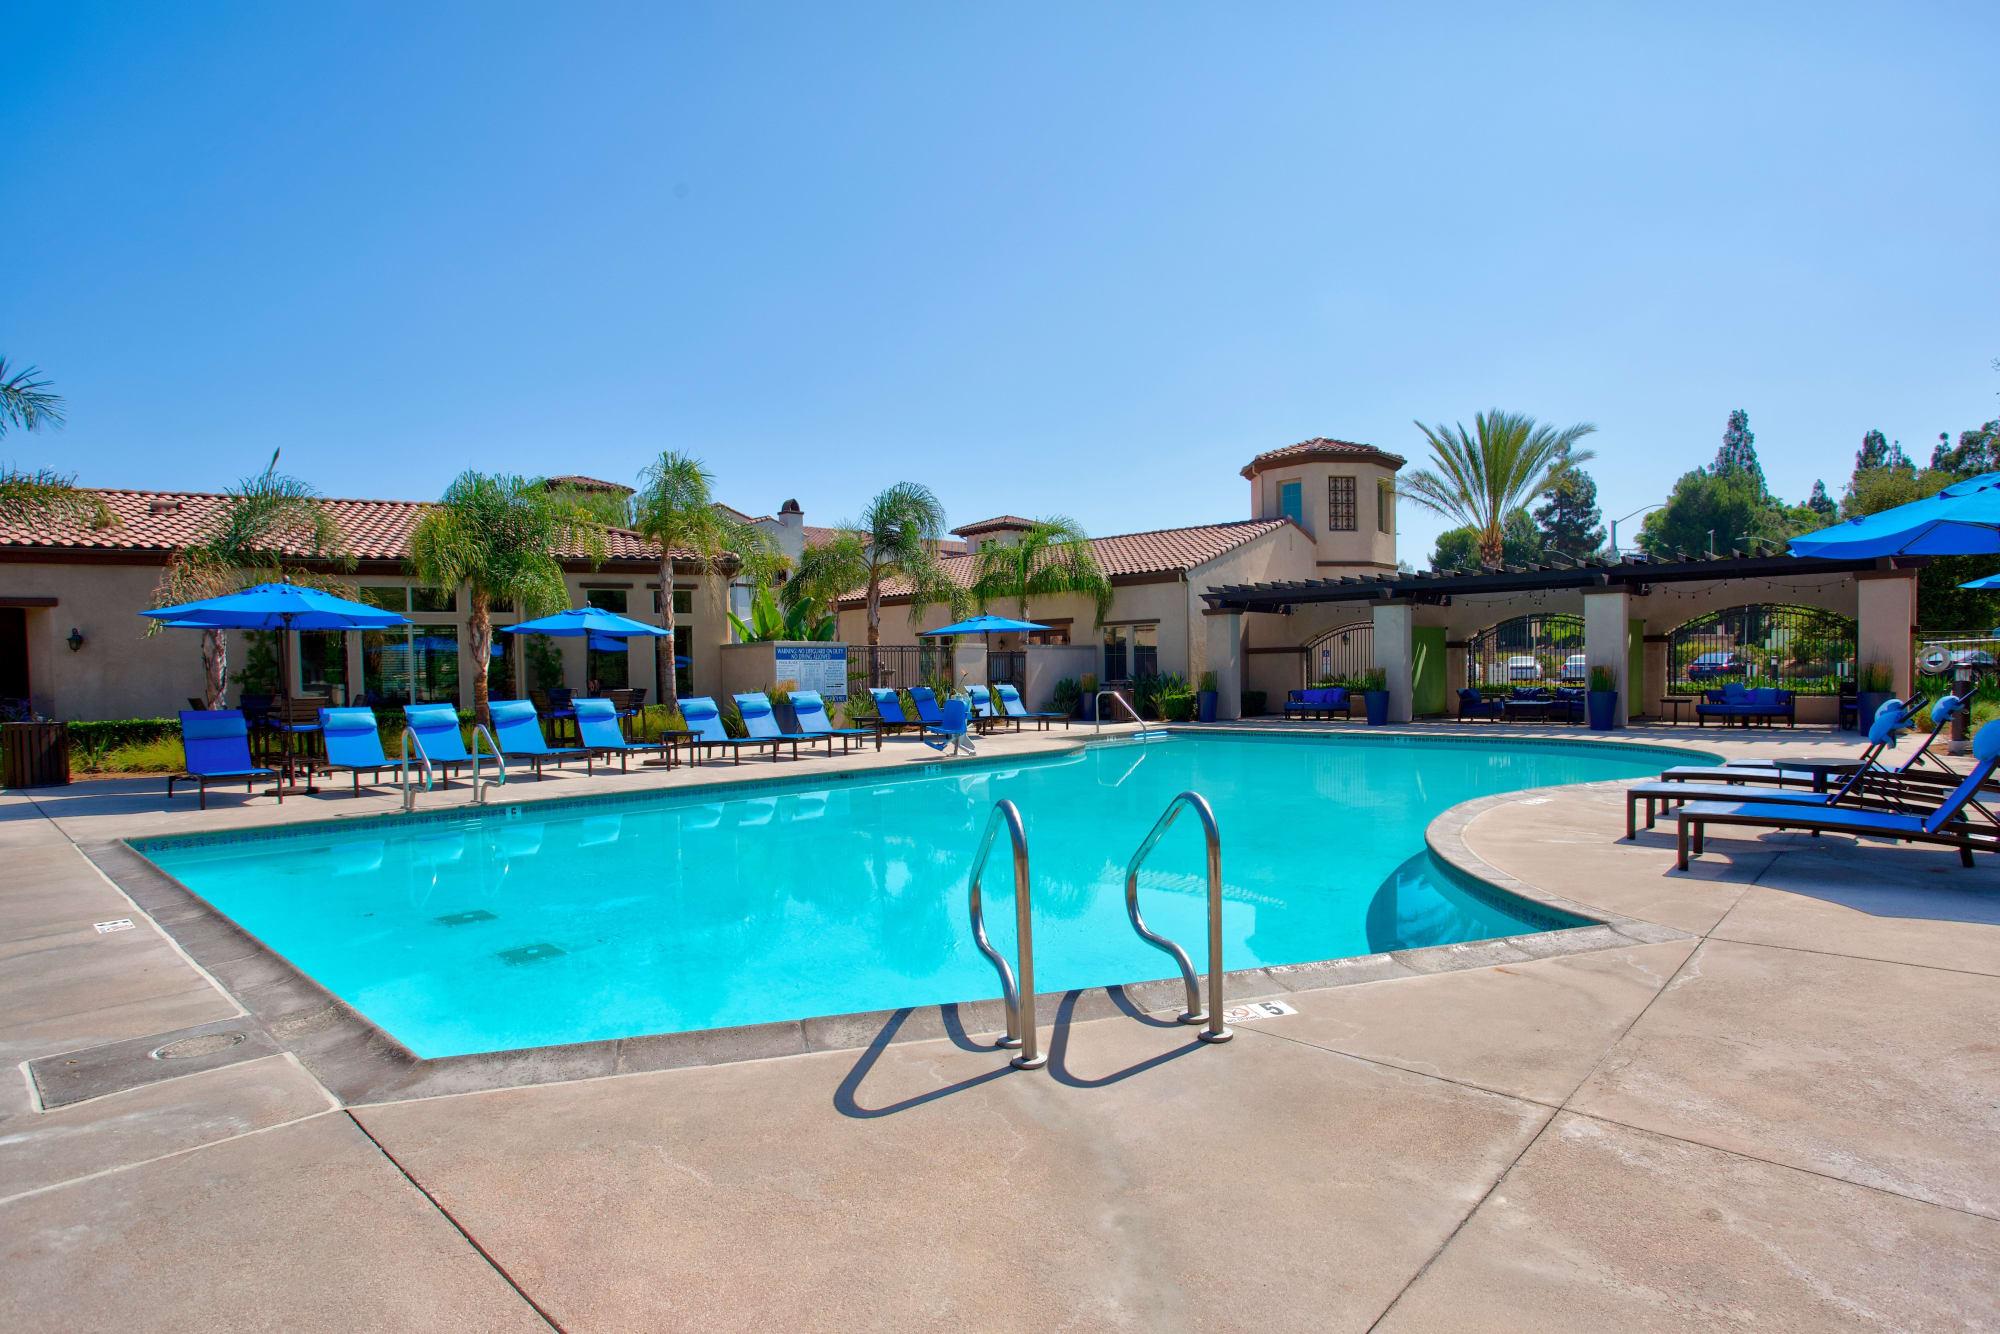 The pool on a beautiful day in Corona, California